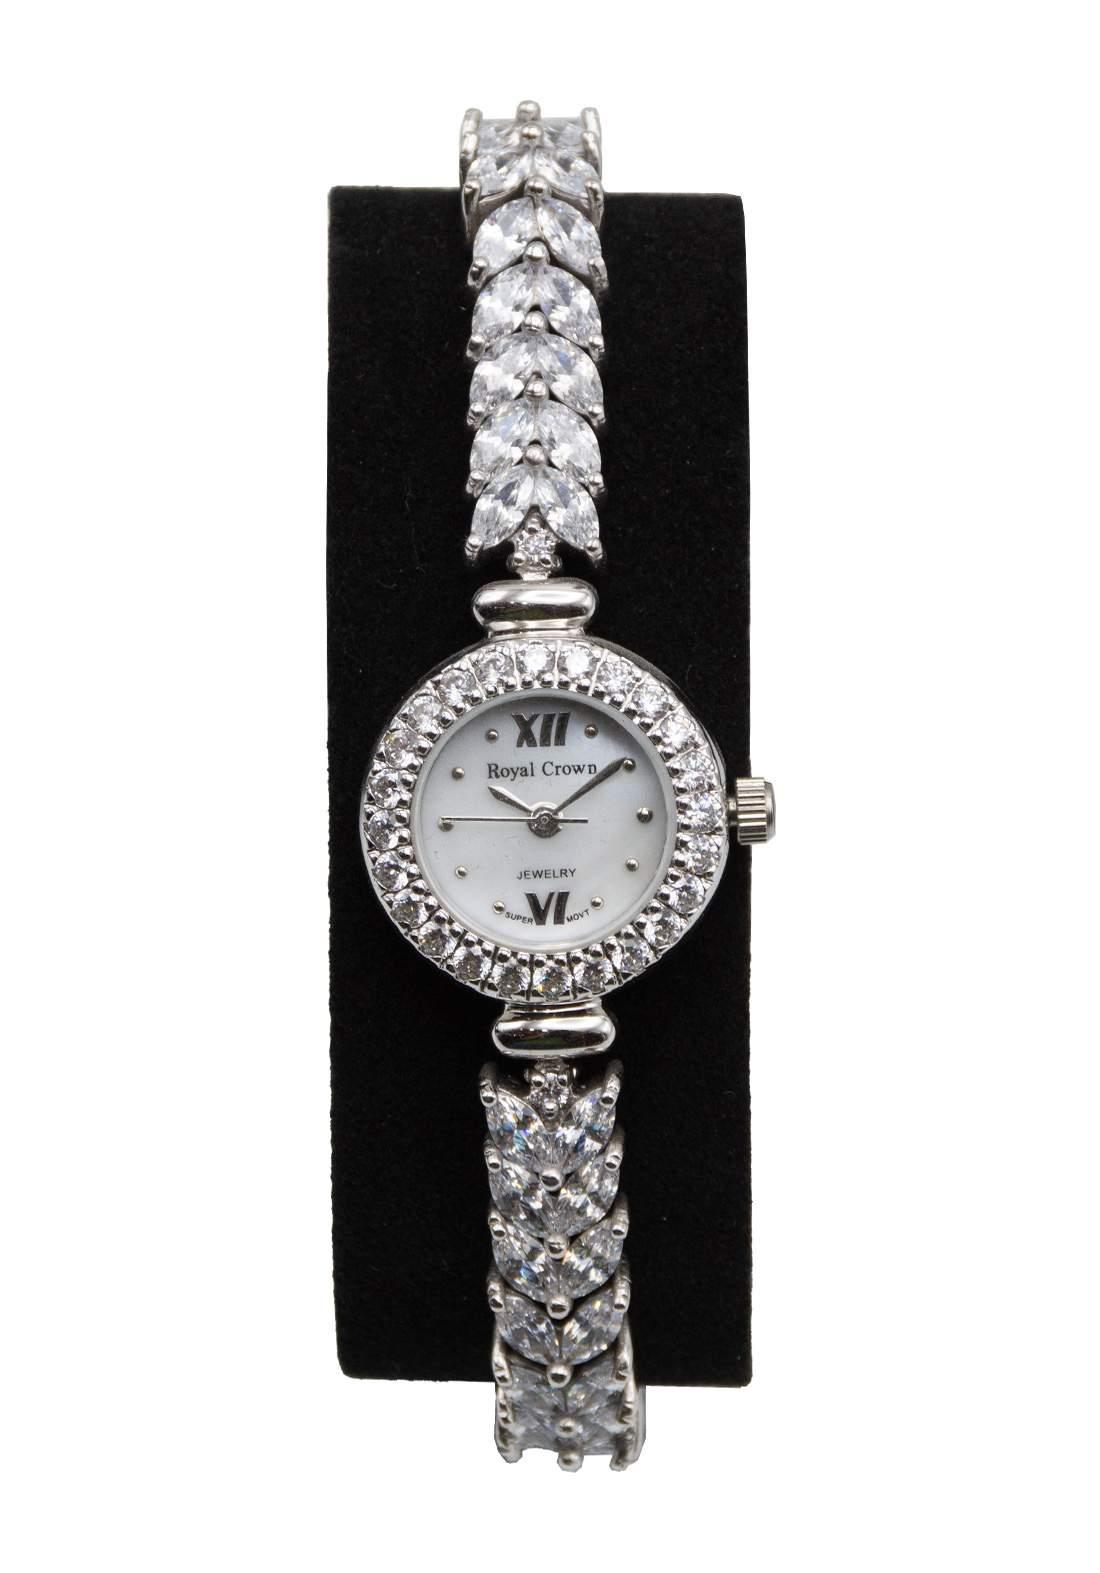 ساعة رويال كراون Royal crown نسائية فضة عيار 928